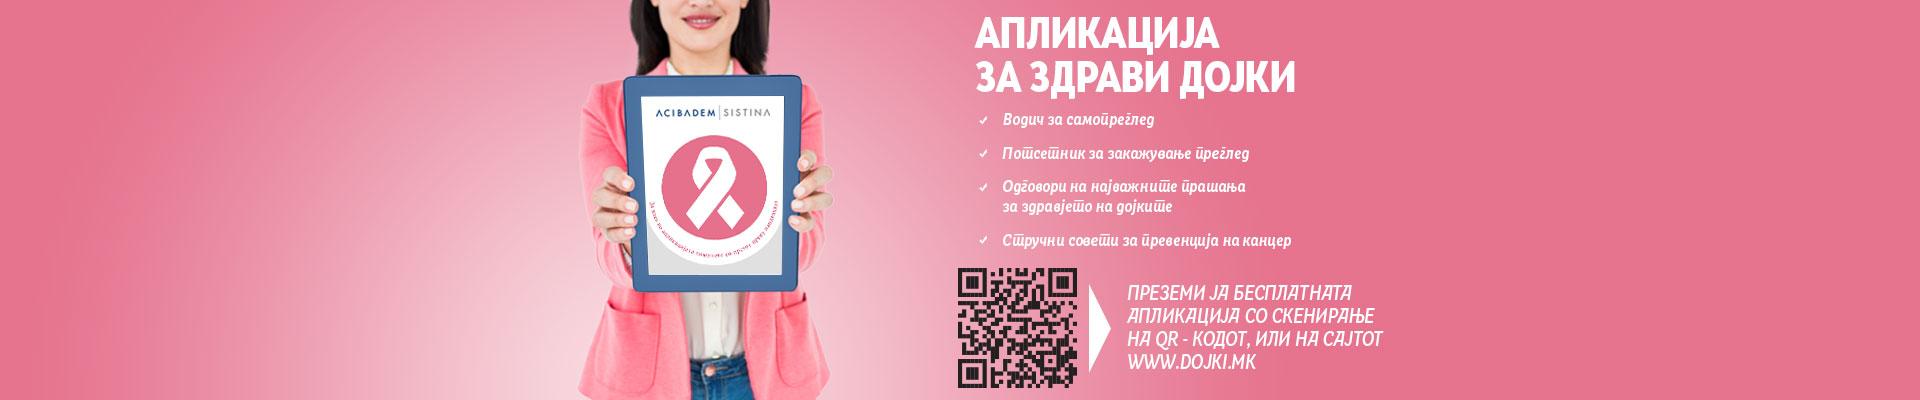 BanerDojki-mk-App